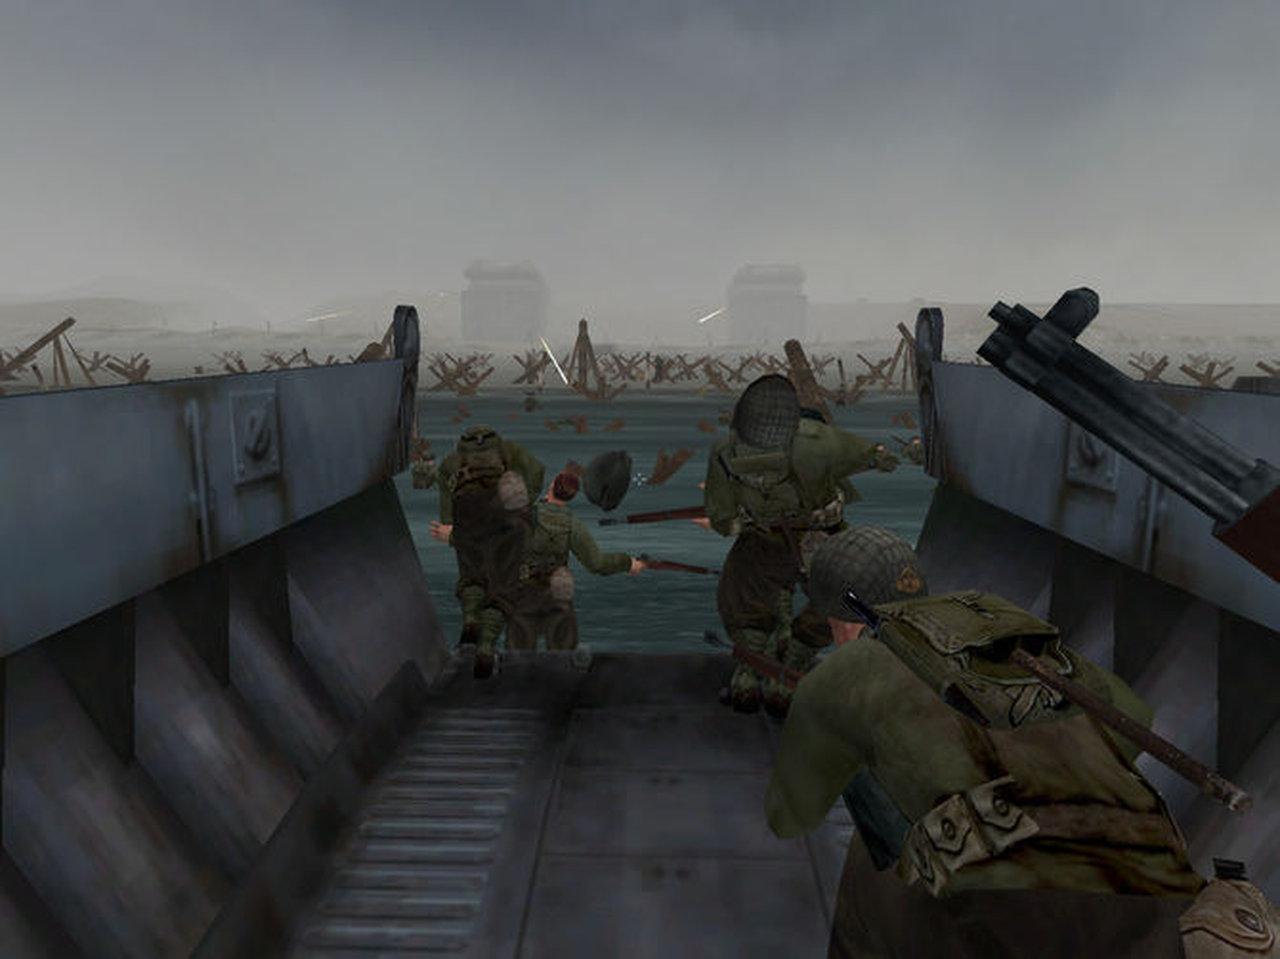 """MoHAA: D-Day vor der Küste der Normandie am Strandabschnitt """"Omaha Beach"""". Im Hintergrund sind die schweren und gut befestigten Geschütztürme der Deutschen zu sehen. Wer möchte hier schon gerne auf dem Landungsboot sein? Die Szene erinnert stark an den Film """"Der Soldat James Ryan"""". (Bild: Activision)"""